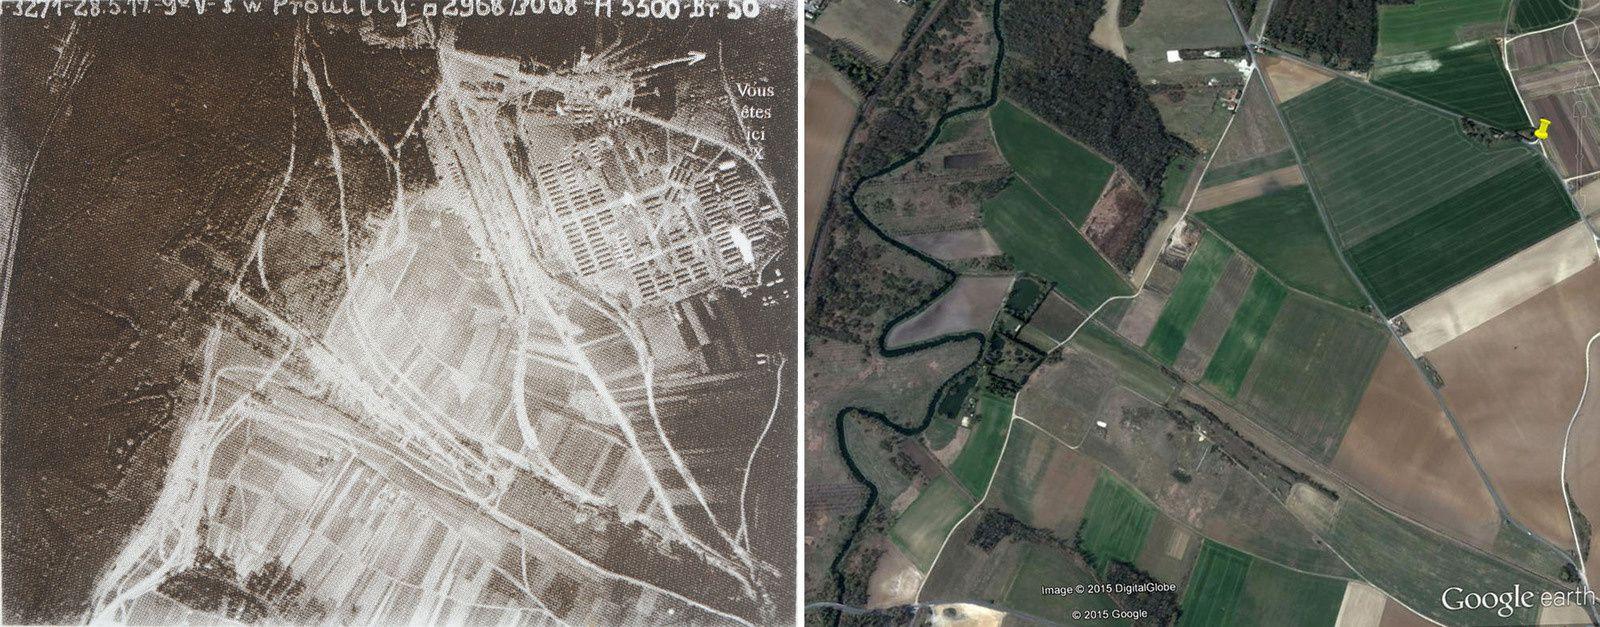 Le Nord est indiqué par la flèche sur la photo N&B. C'est la Vesle qui serpente sur la gauche.